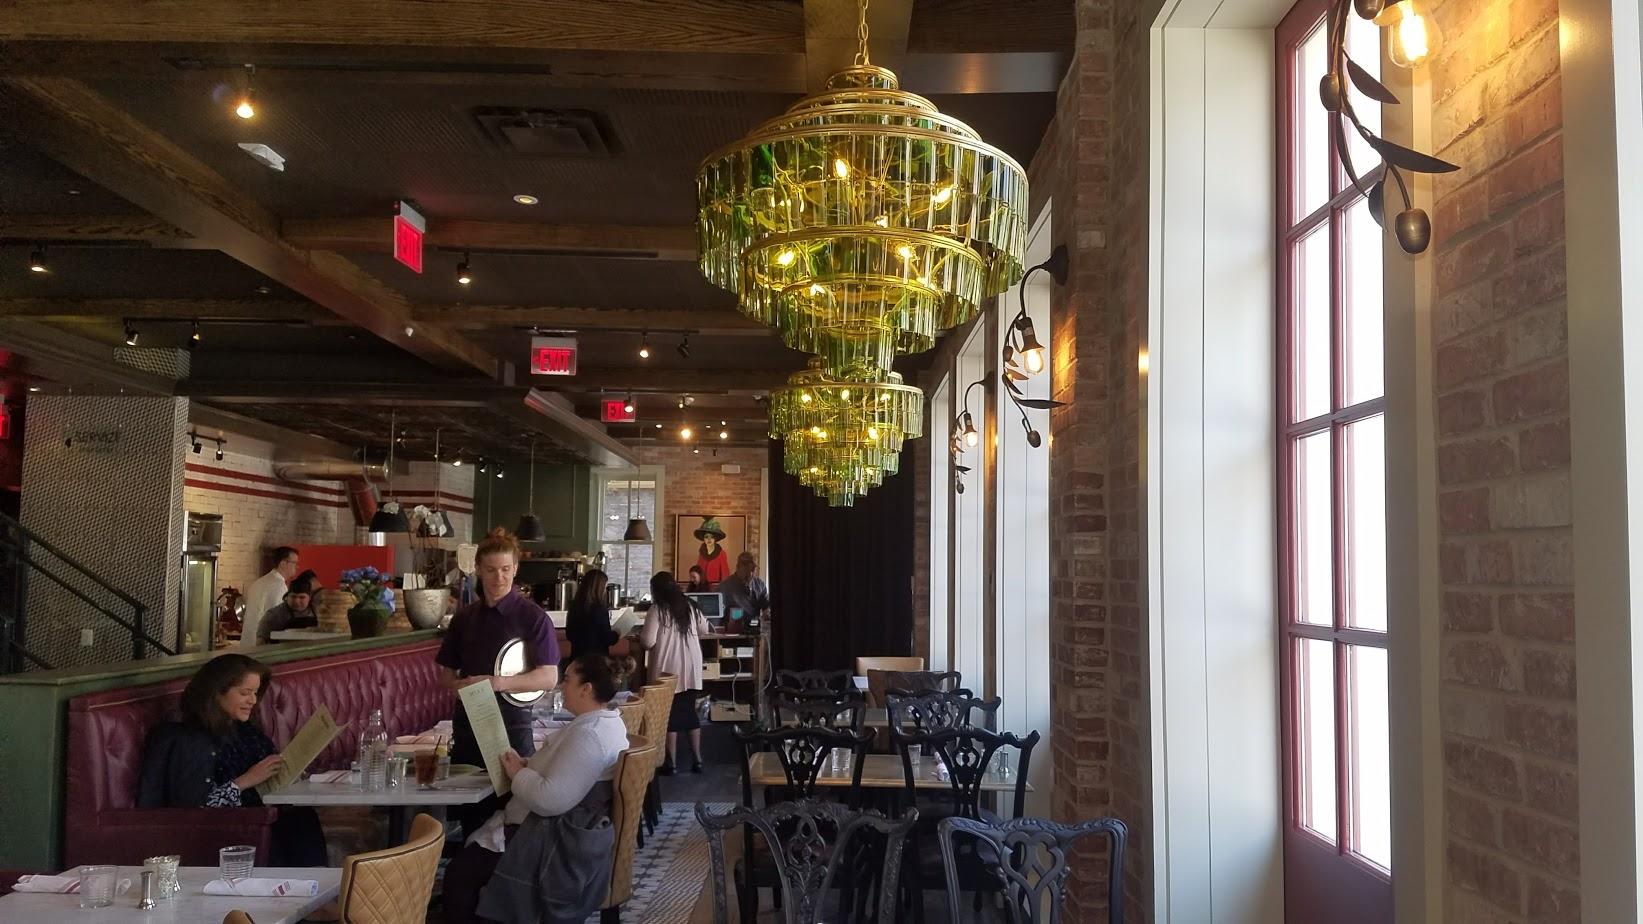 Mia S Italian Kitchen Opens In Old Town Alexandria Times